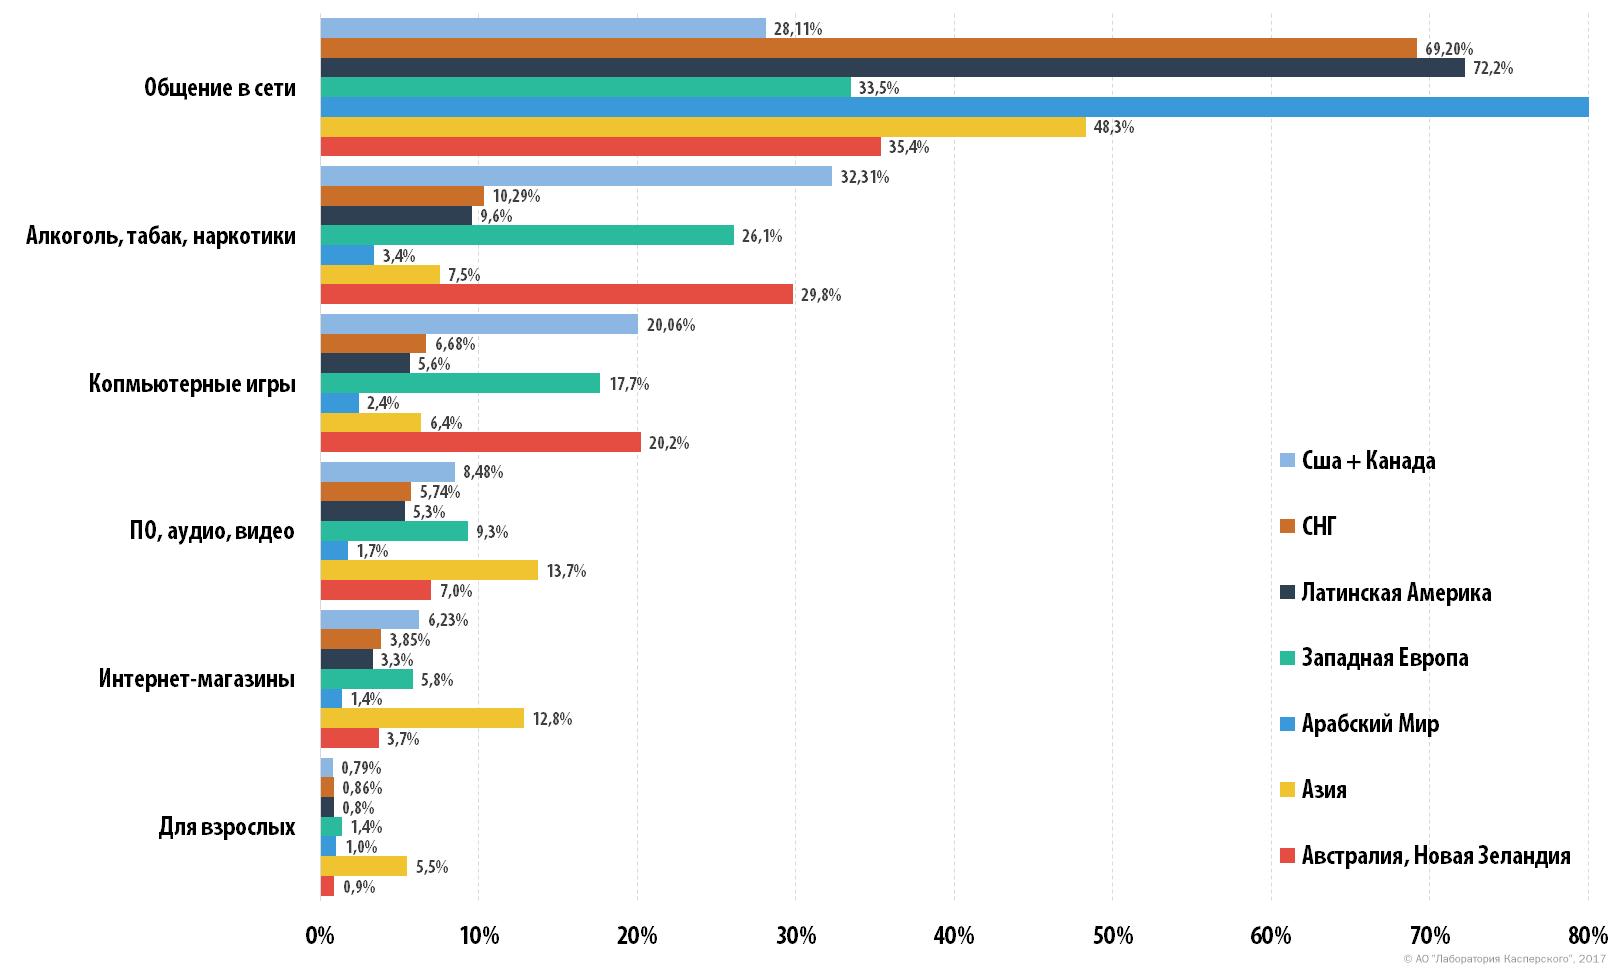 Кибер секс в разных странах статистика